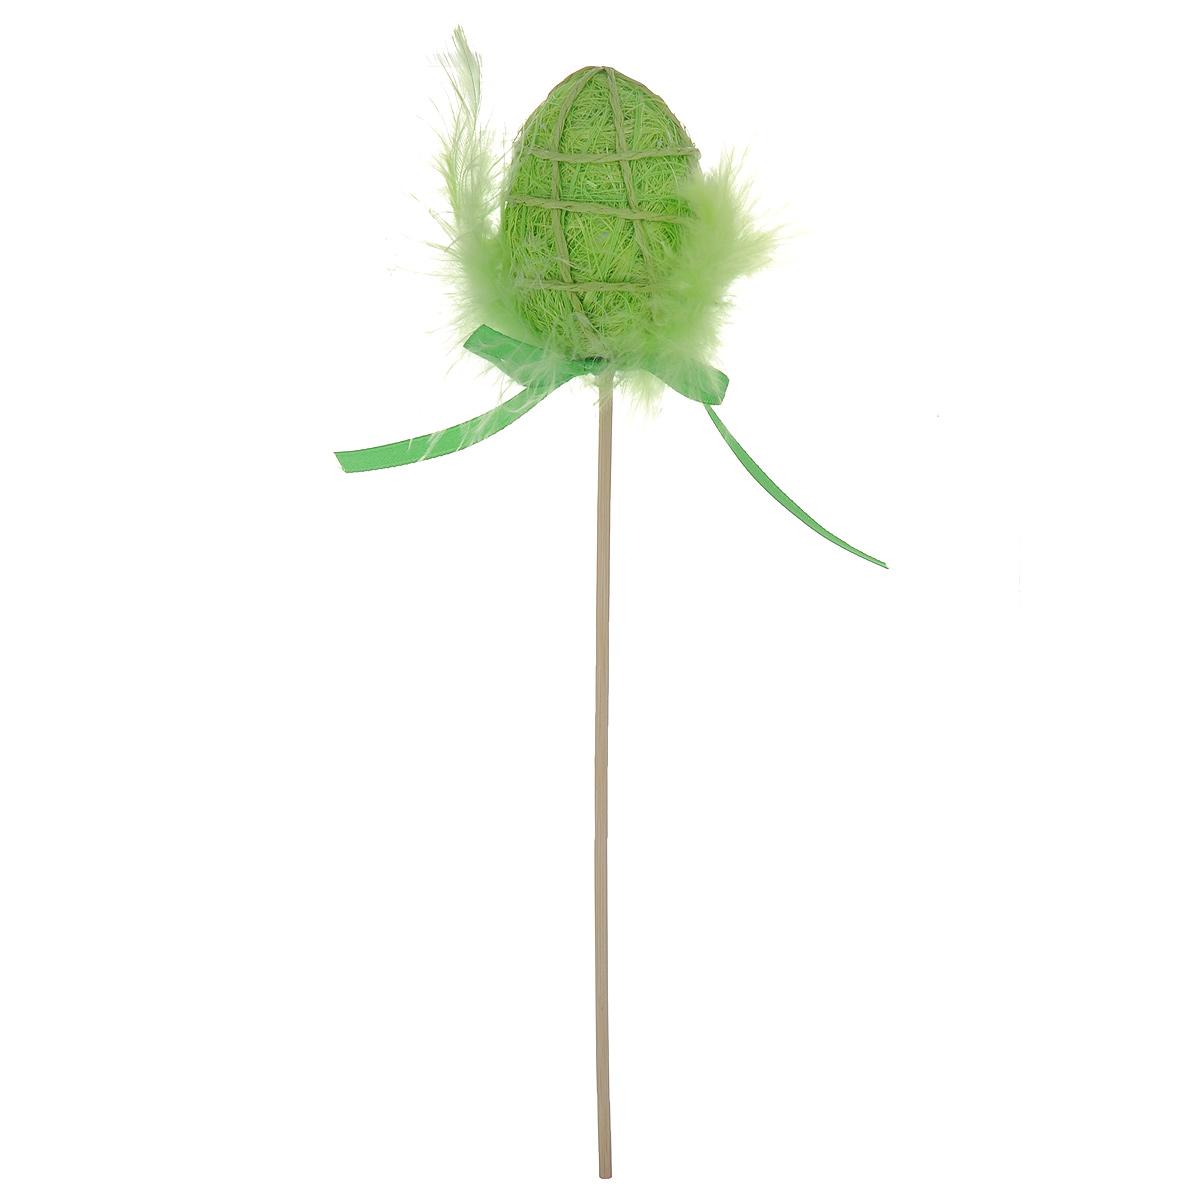 Декоративное пасхальное украшение на ножке Home Queen Яйцо с пухом. Разноцвет, цвет: зеленый, высота 25 см64387_1Декоративное украшение Home Queen Яйцо с пухом. Разноцвет выполнено из полиэстера в виде пасхального яйца на деревянной ножке, декорированного перьями. Изделие украшено текстильной лентой. Такое украшение прекрасно дополнит подарок для друзей или близких на Пасху. Высота: 25 см. Размер яйца: 6 см х 4,5 см.